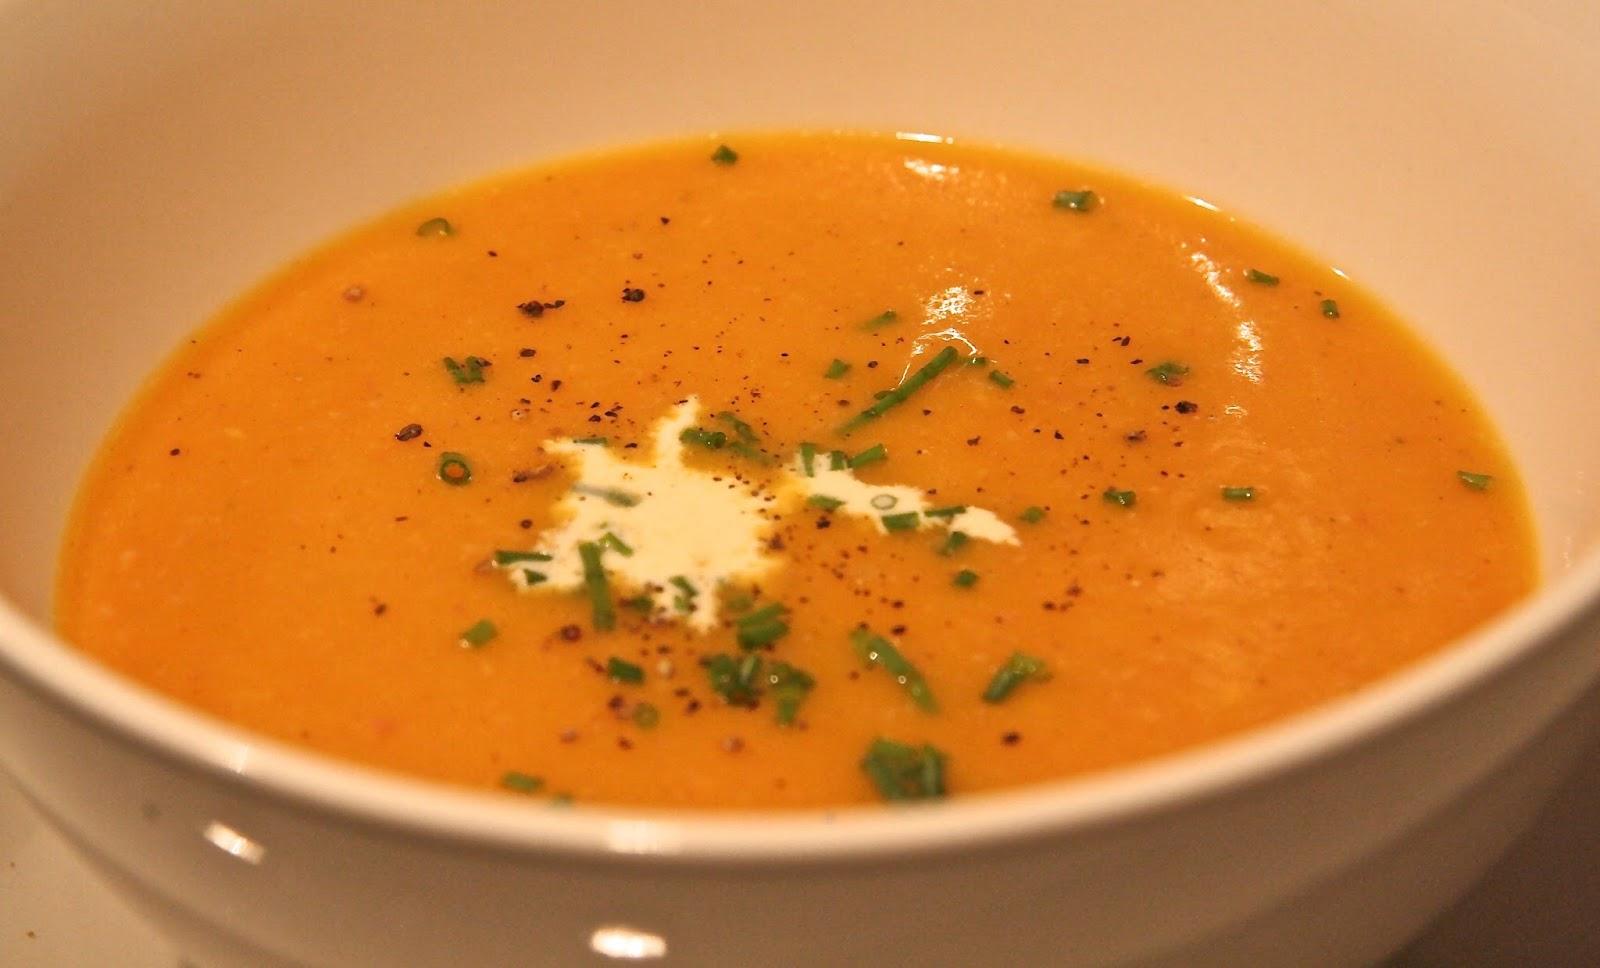 Fulton Soup Kitchen